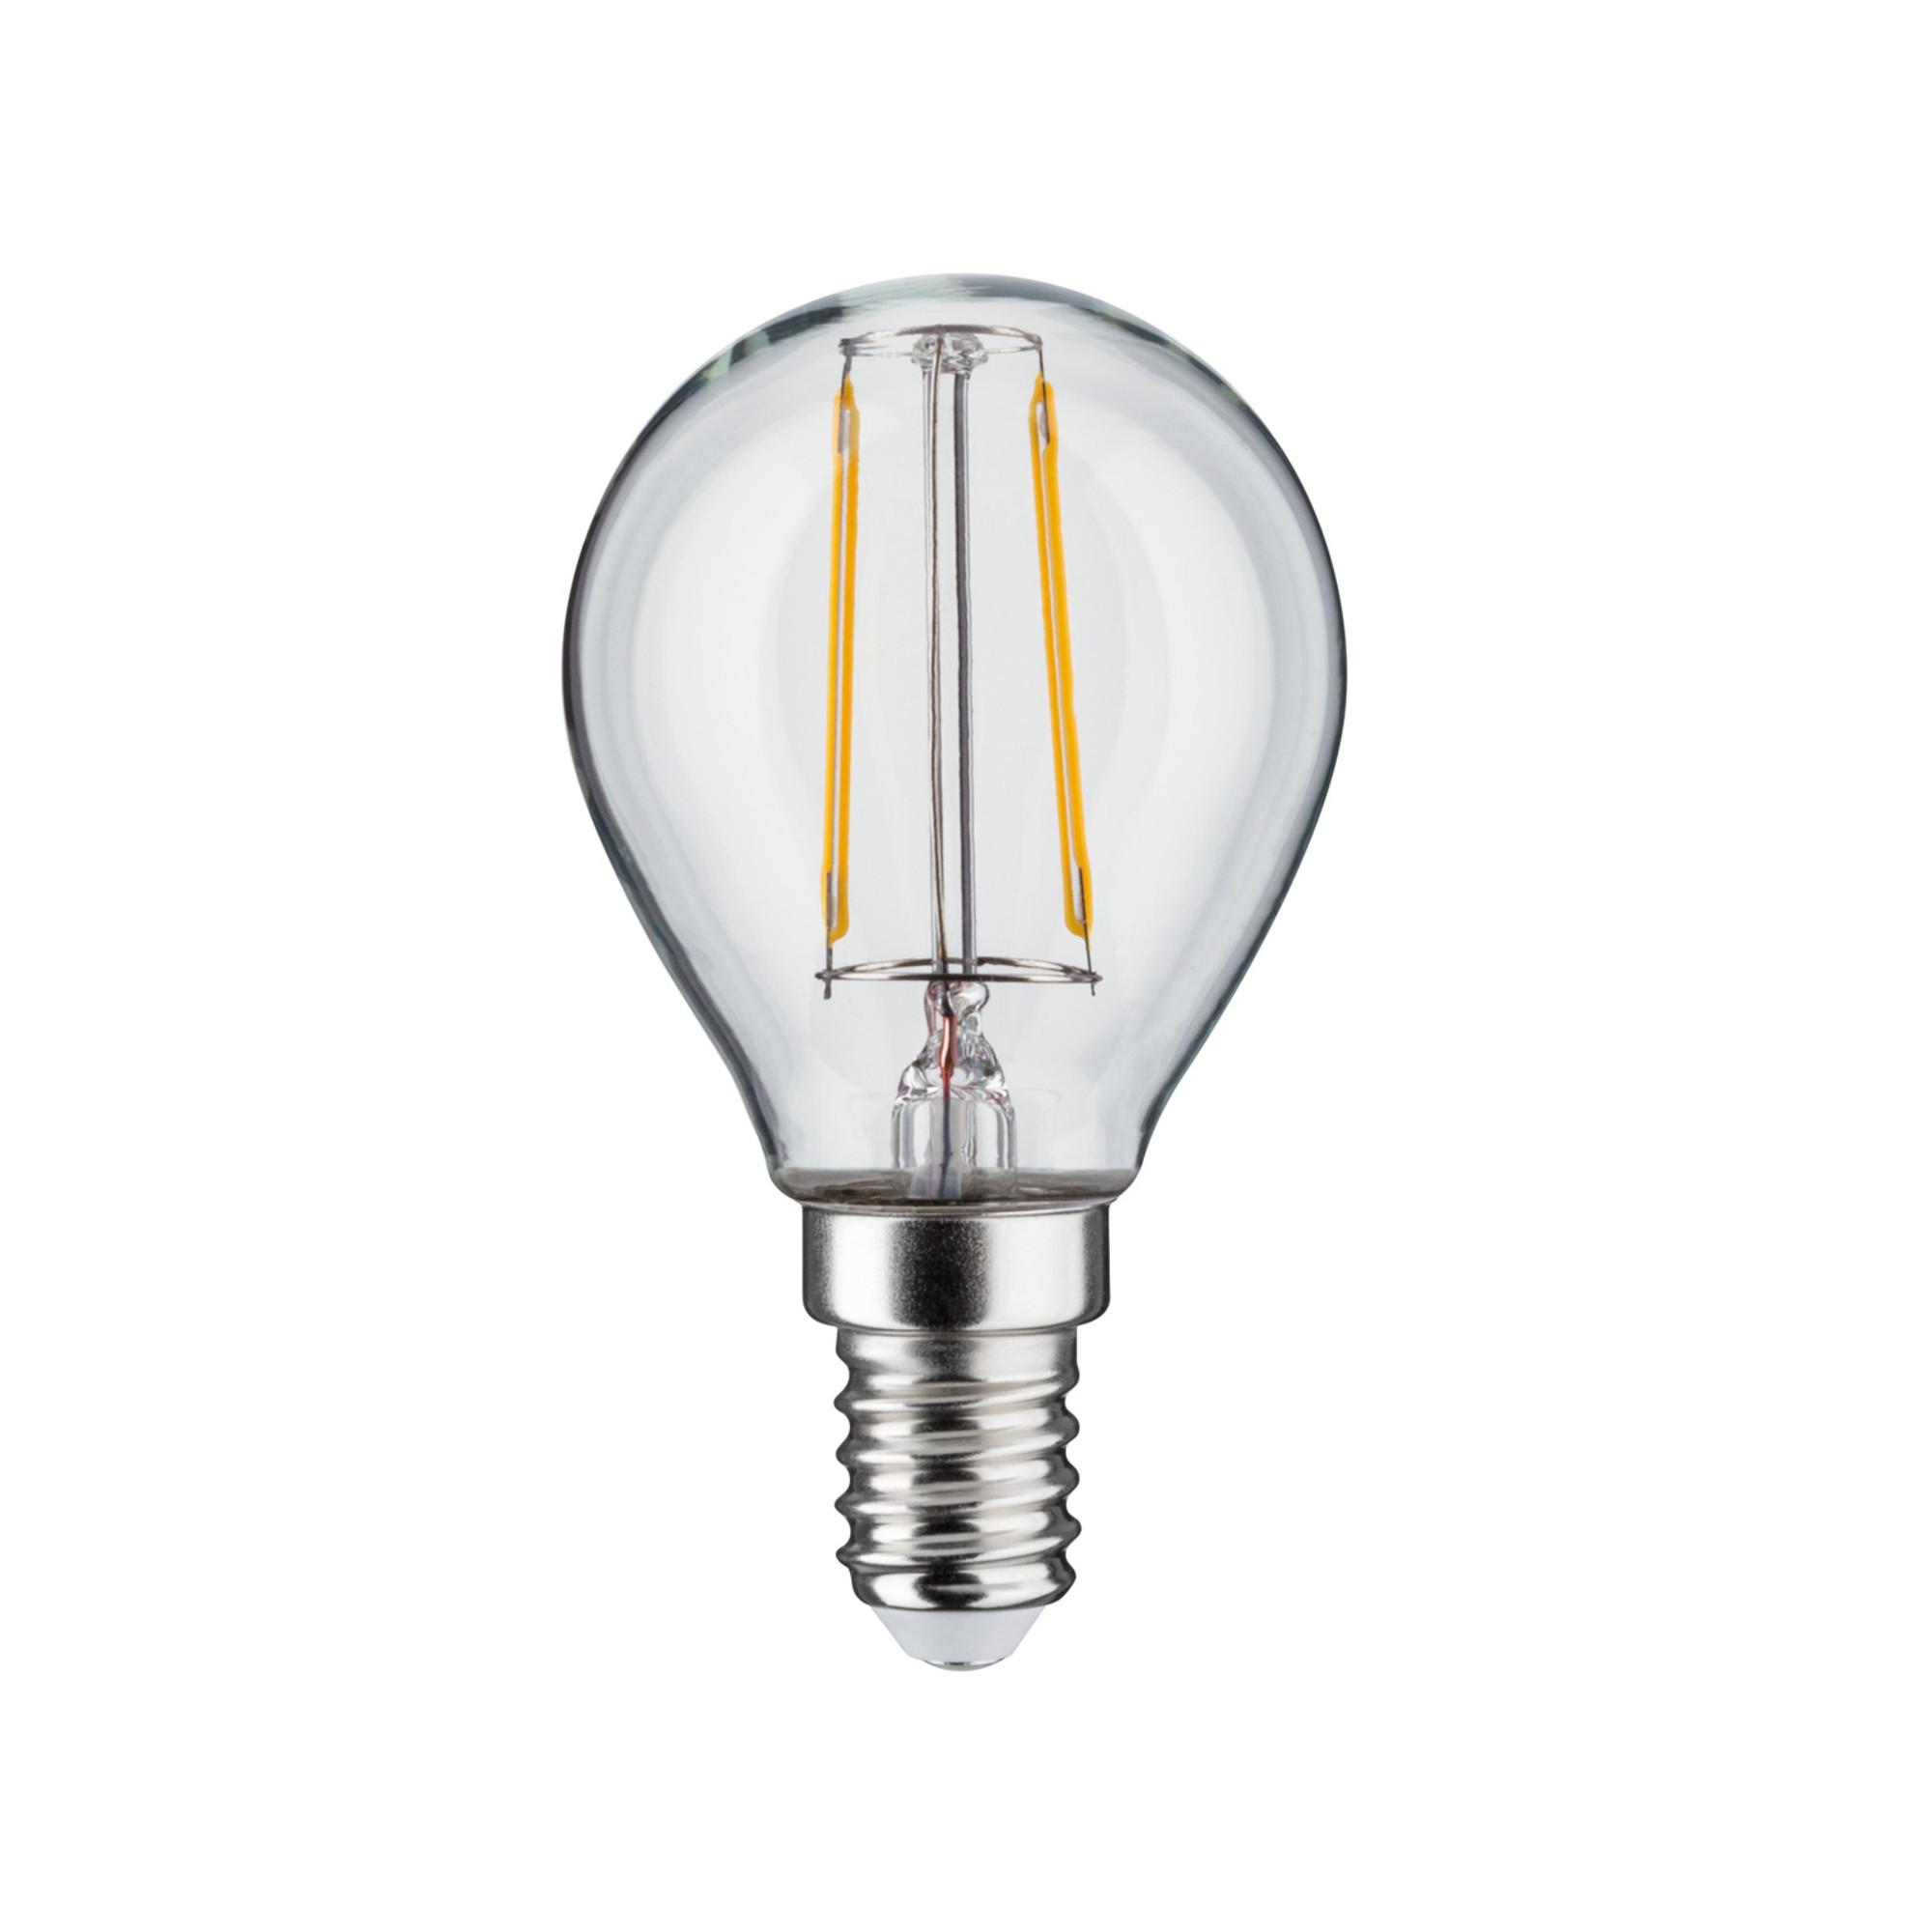 Лампа филаментная Paulmann Ретро Капля 4.5Вт 470лм 2700К Е14 230В Прозрачный Регулируемая яркость 28501.